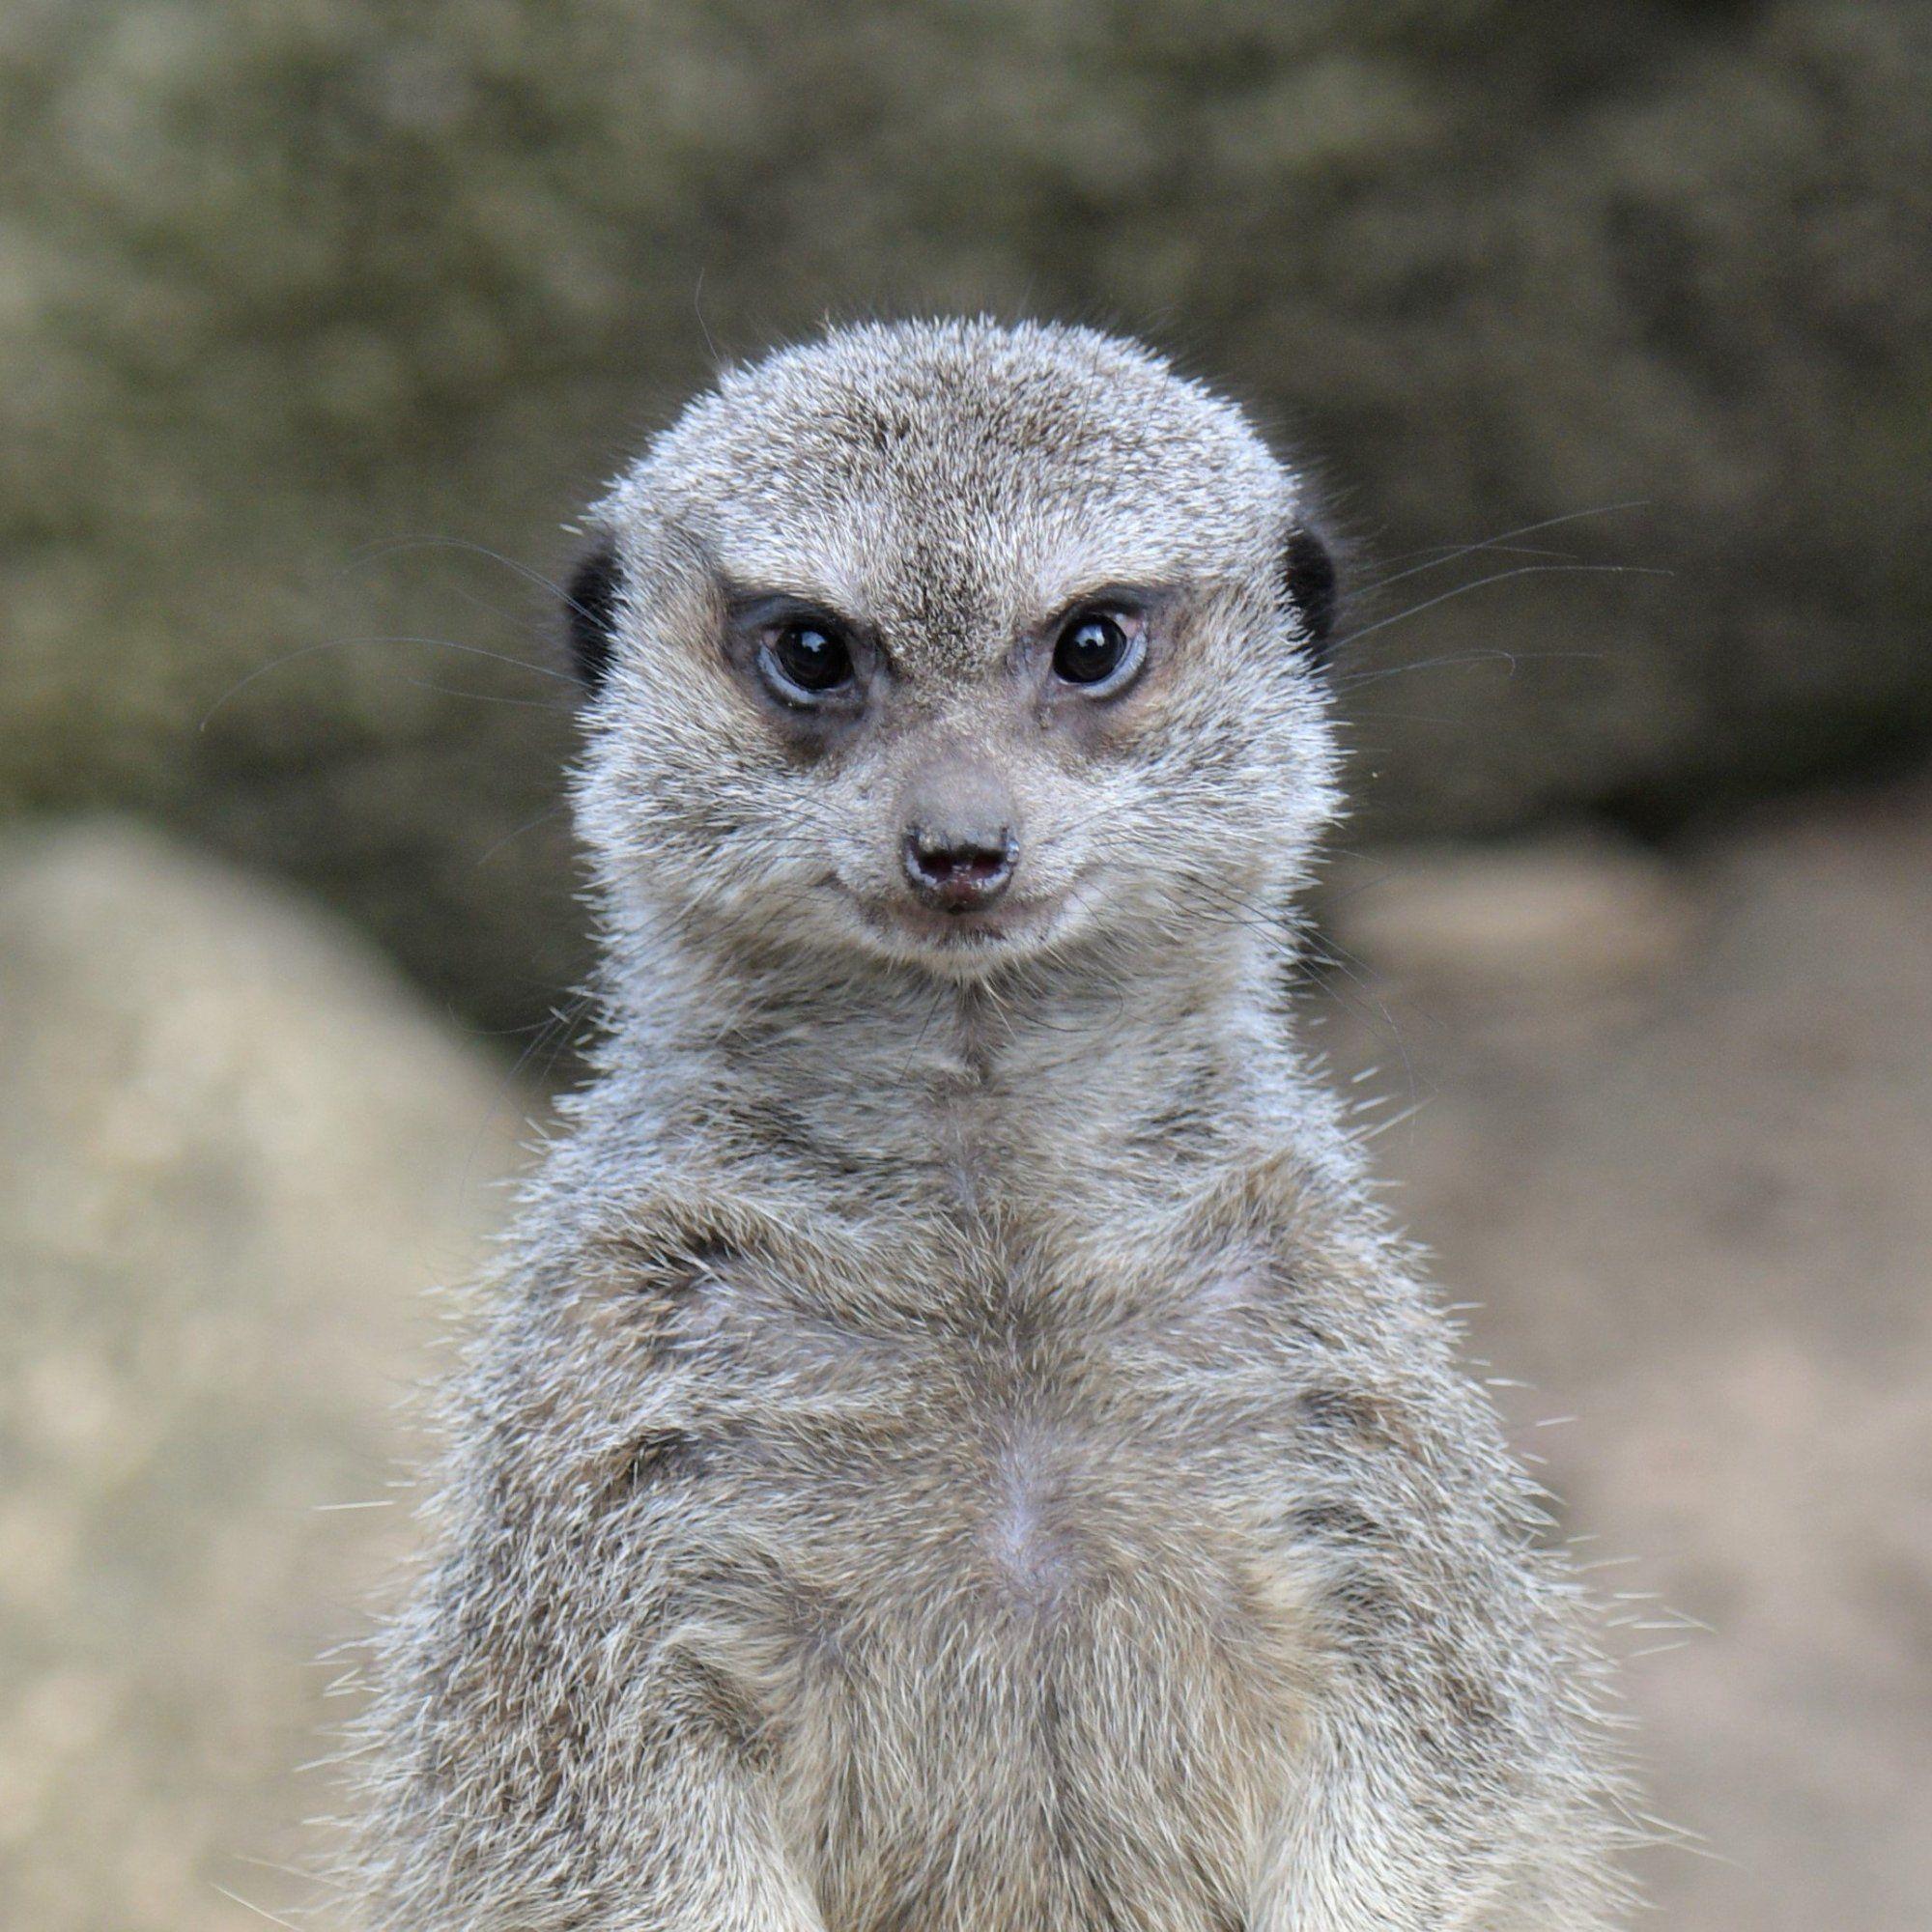 表情キリッ 井の頭自然文化園のミーアキャットがやけにイケメン Netgeek ミーアキャット 文化 表情